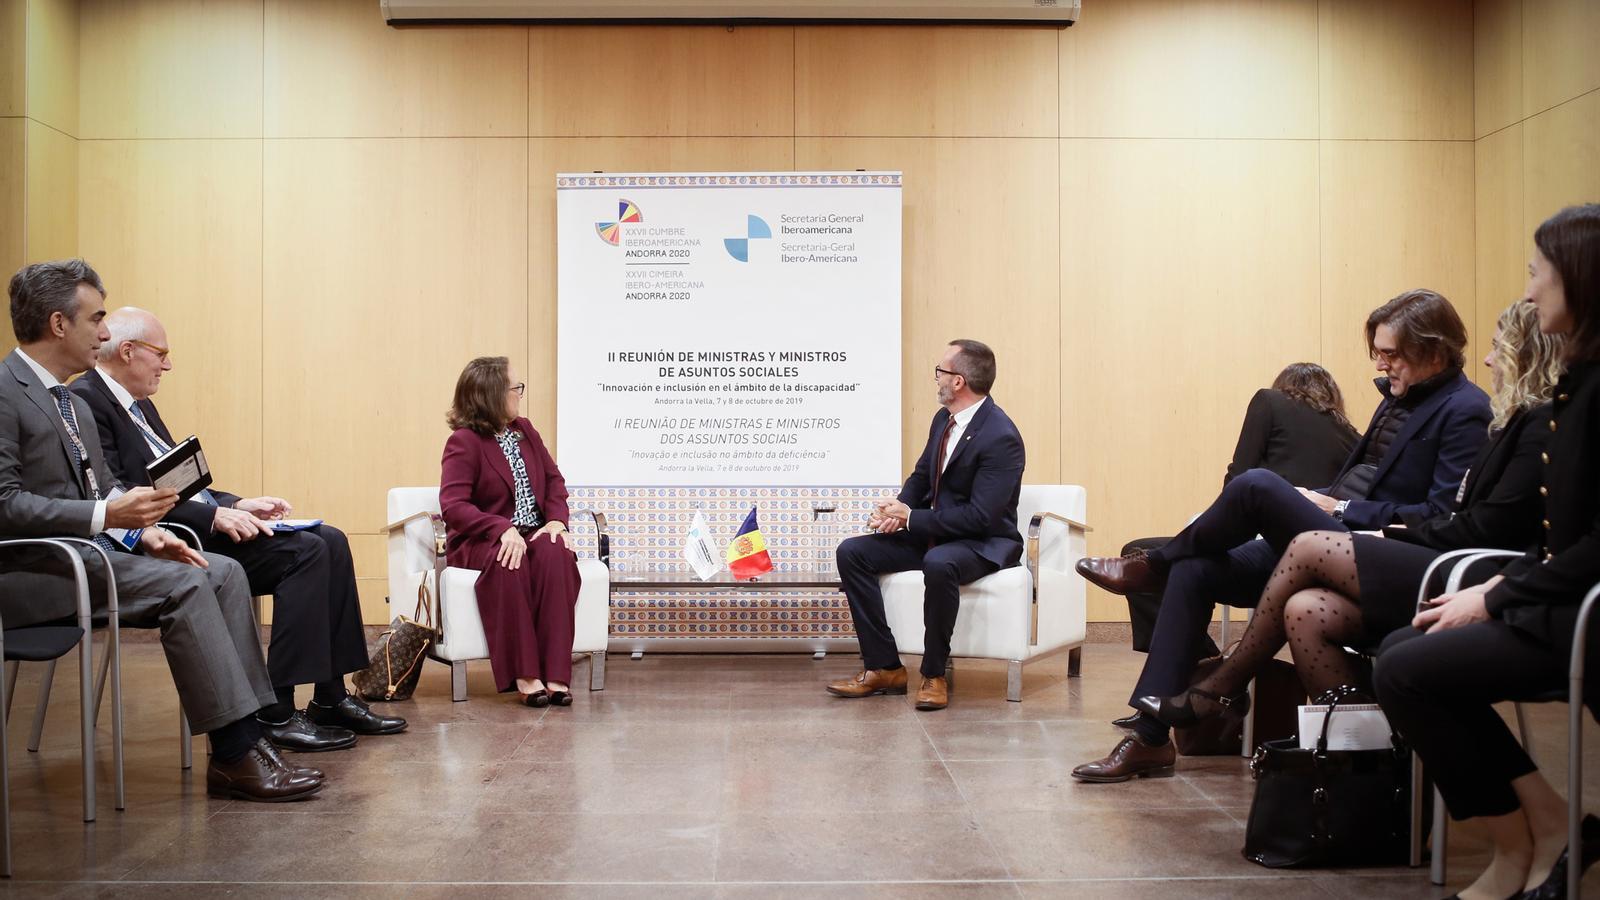 La reunió entre el ministre d'Afers Socials, Habitatge i Joventut, Victor Filloy i la secretaria general Iberoamericana, Rebeca Grynspan. / SFG